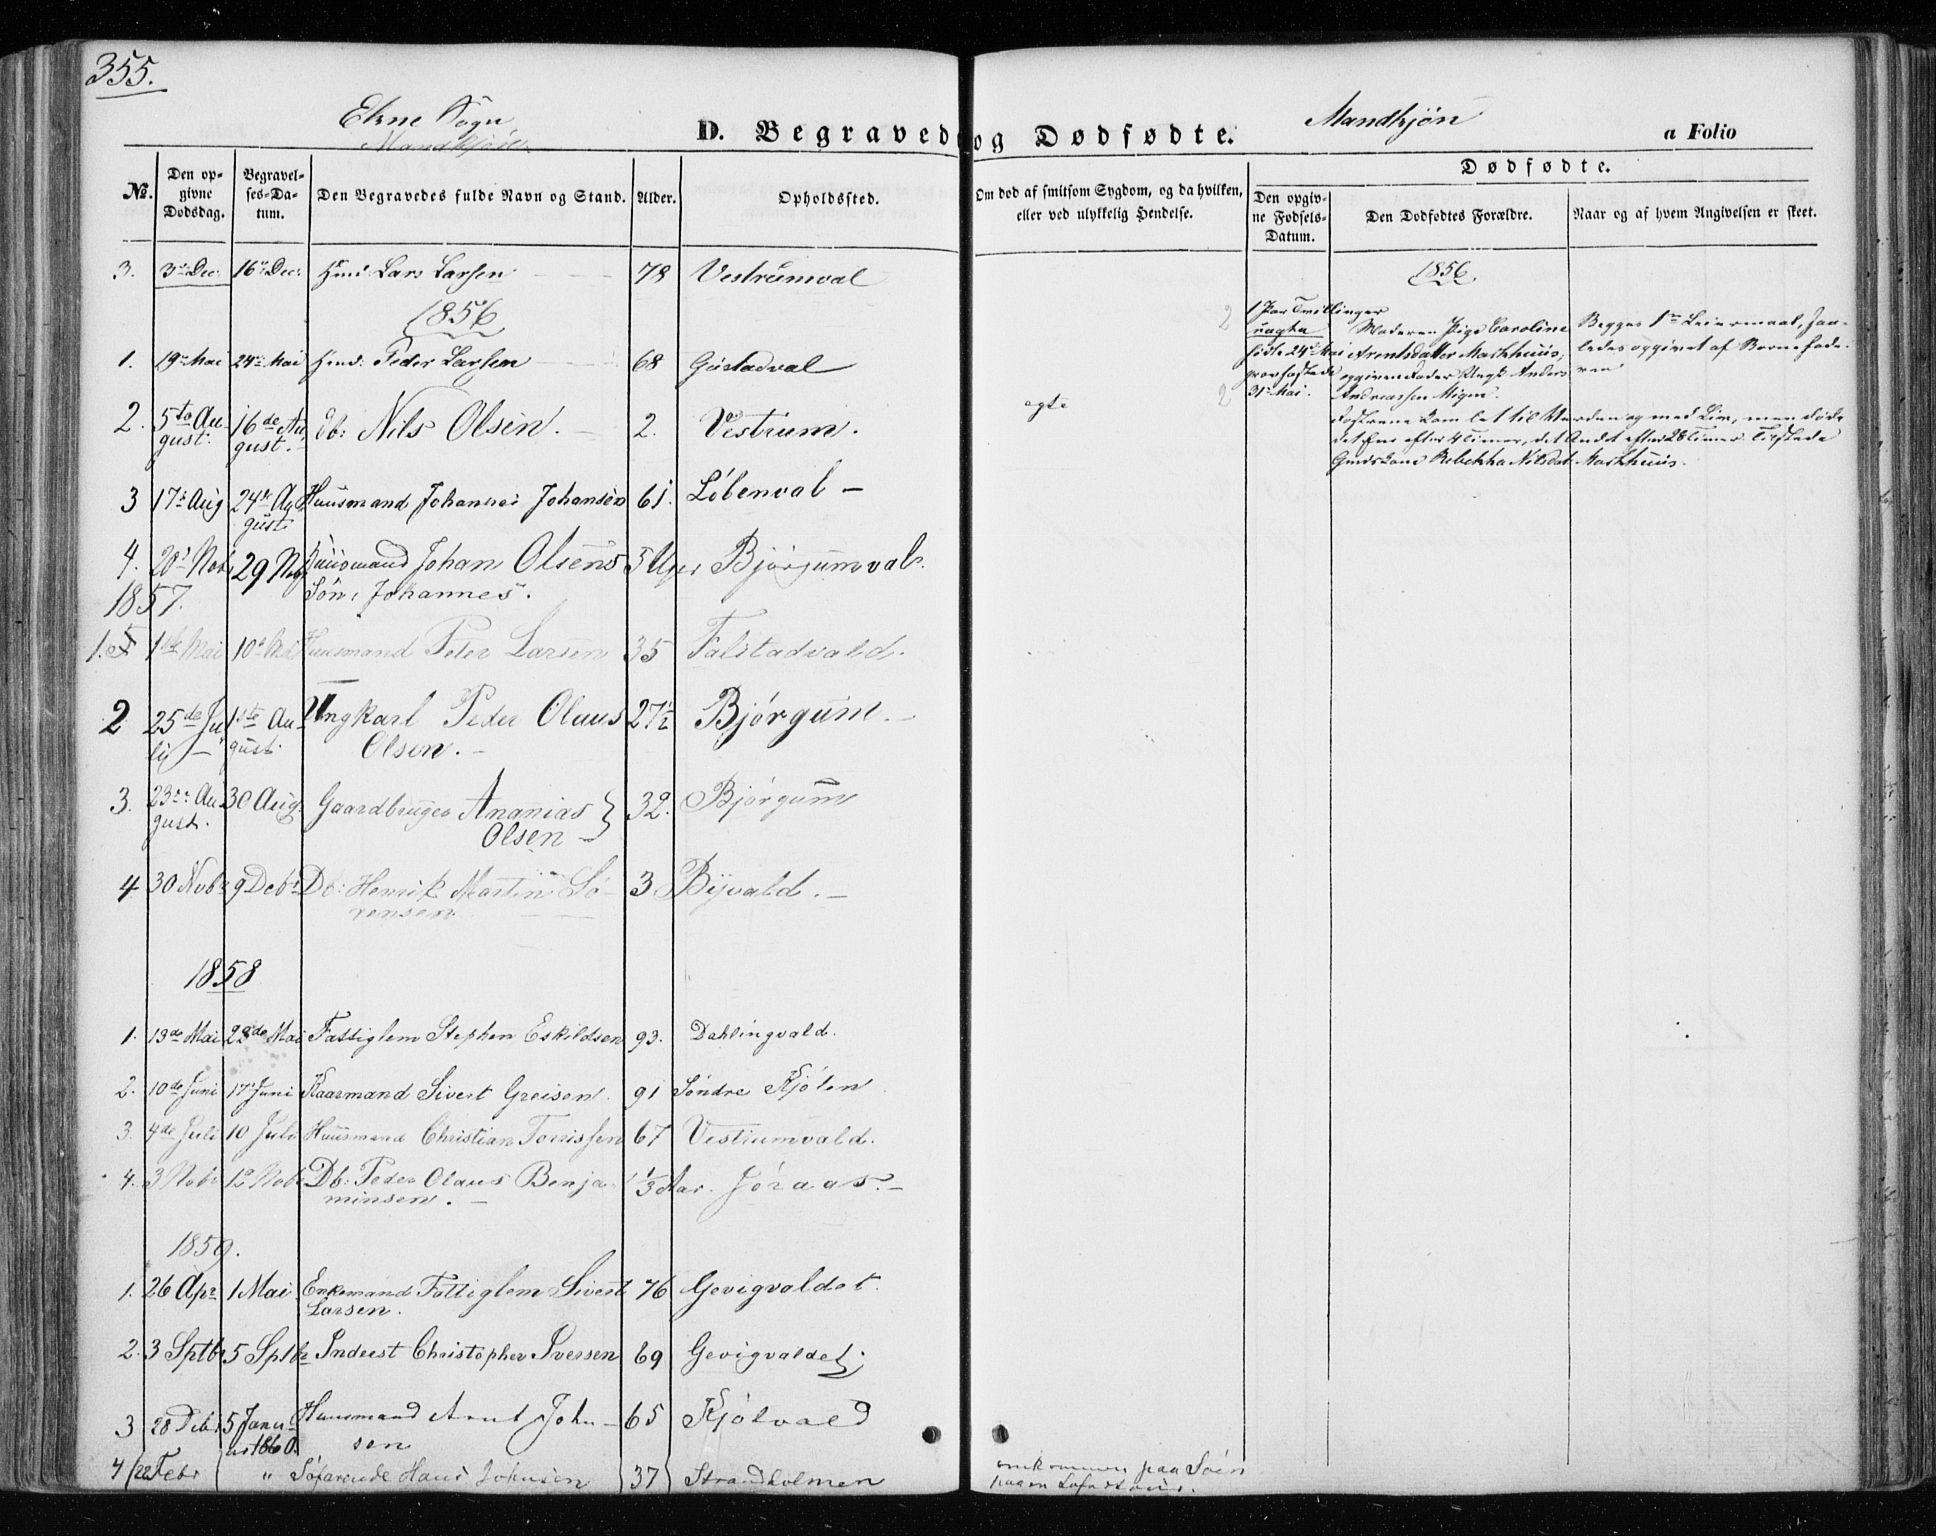 SAT, Ministerialprotokoller, klokkerbøker og fødselsregistre - Nord-Trøndelag, 717/L0154: Ministerialbok nr. 717A07 /3, 1850-1862, s. 355